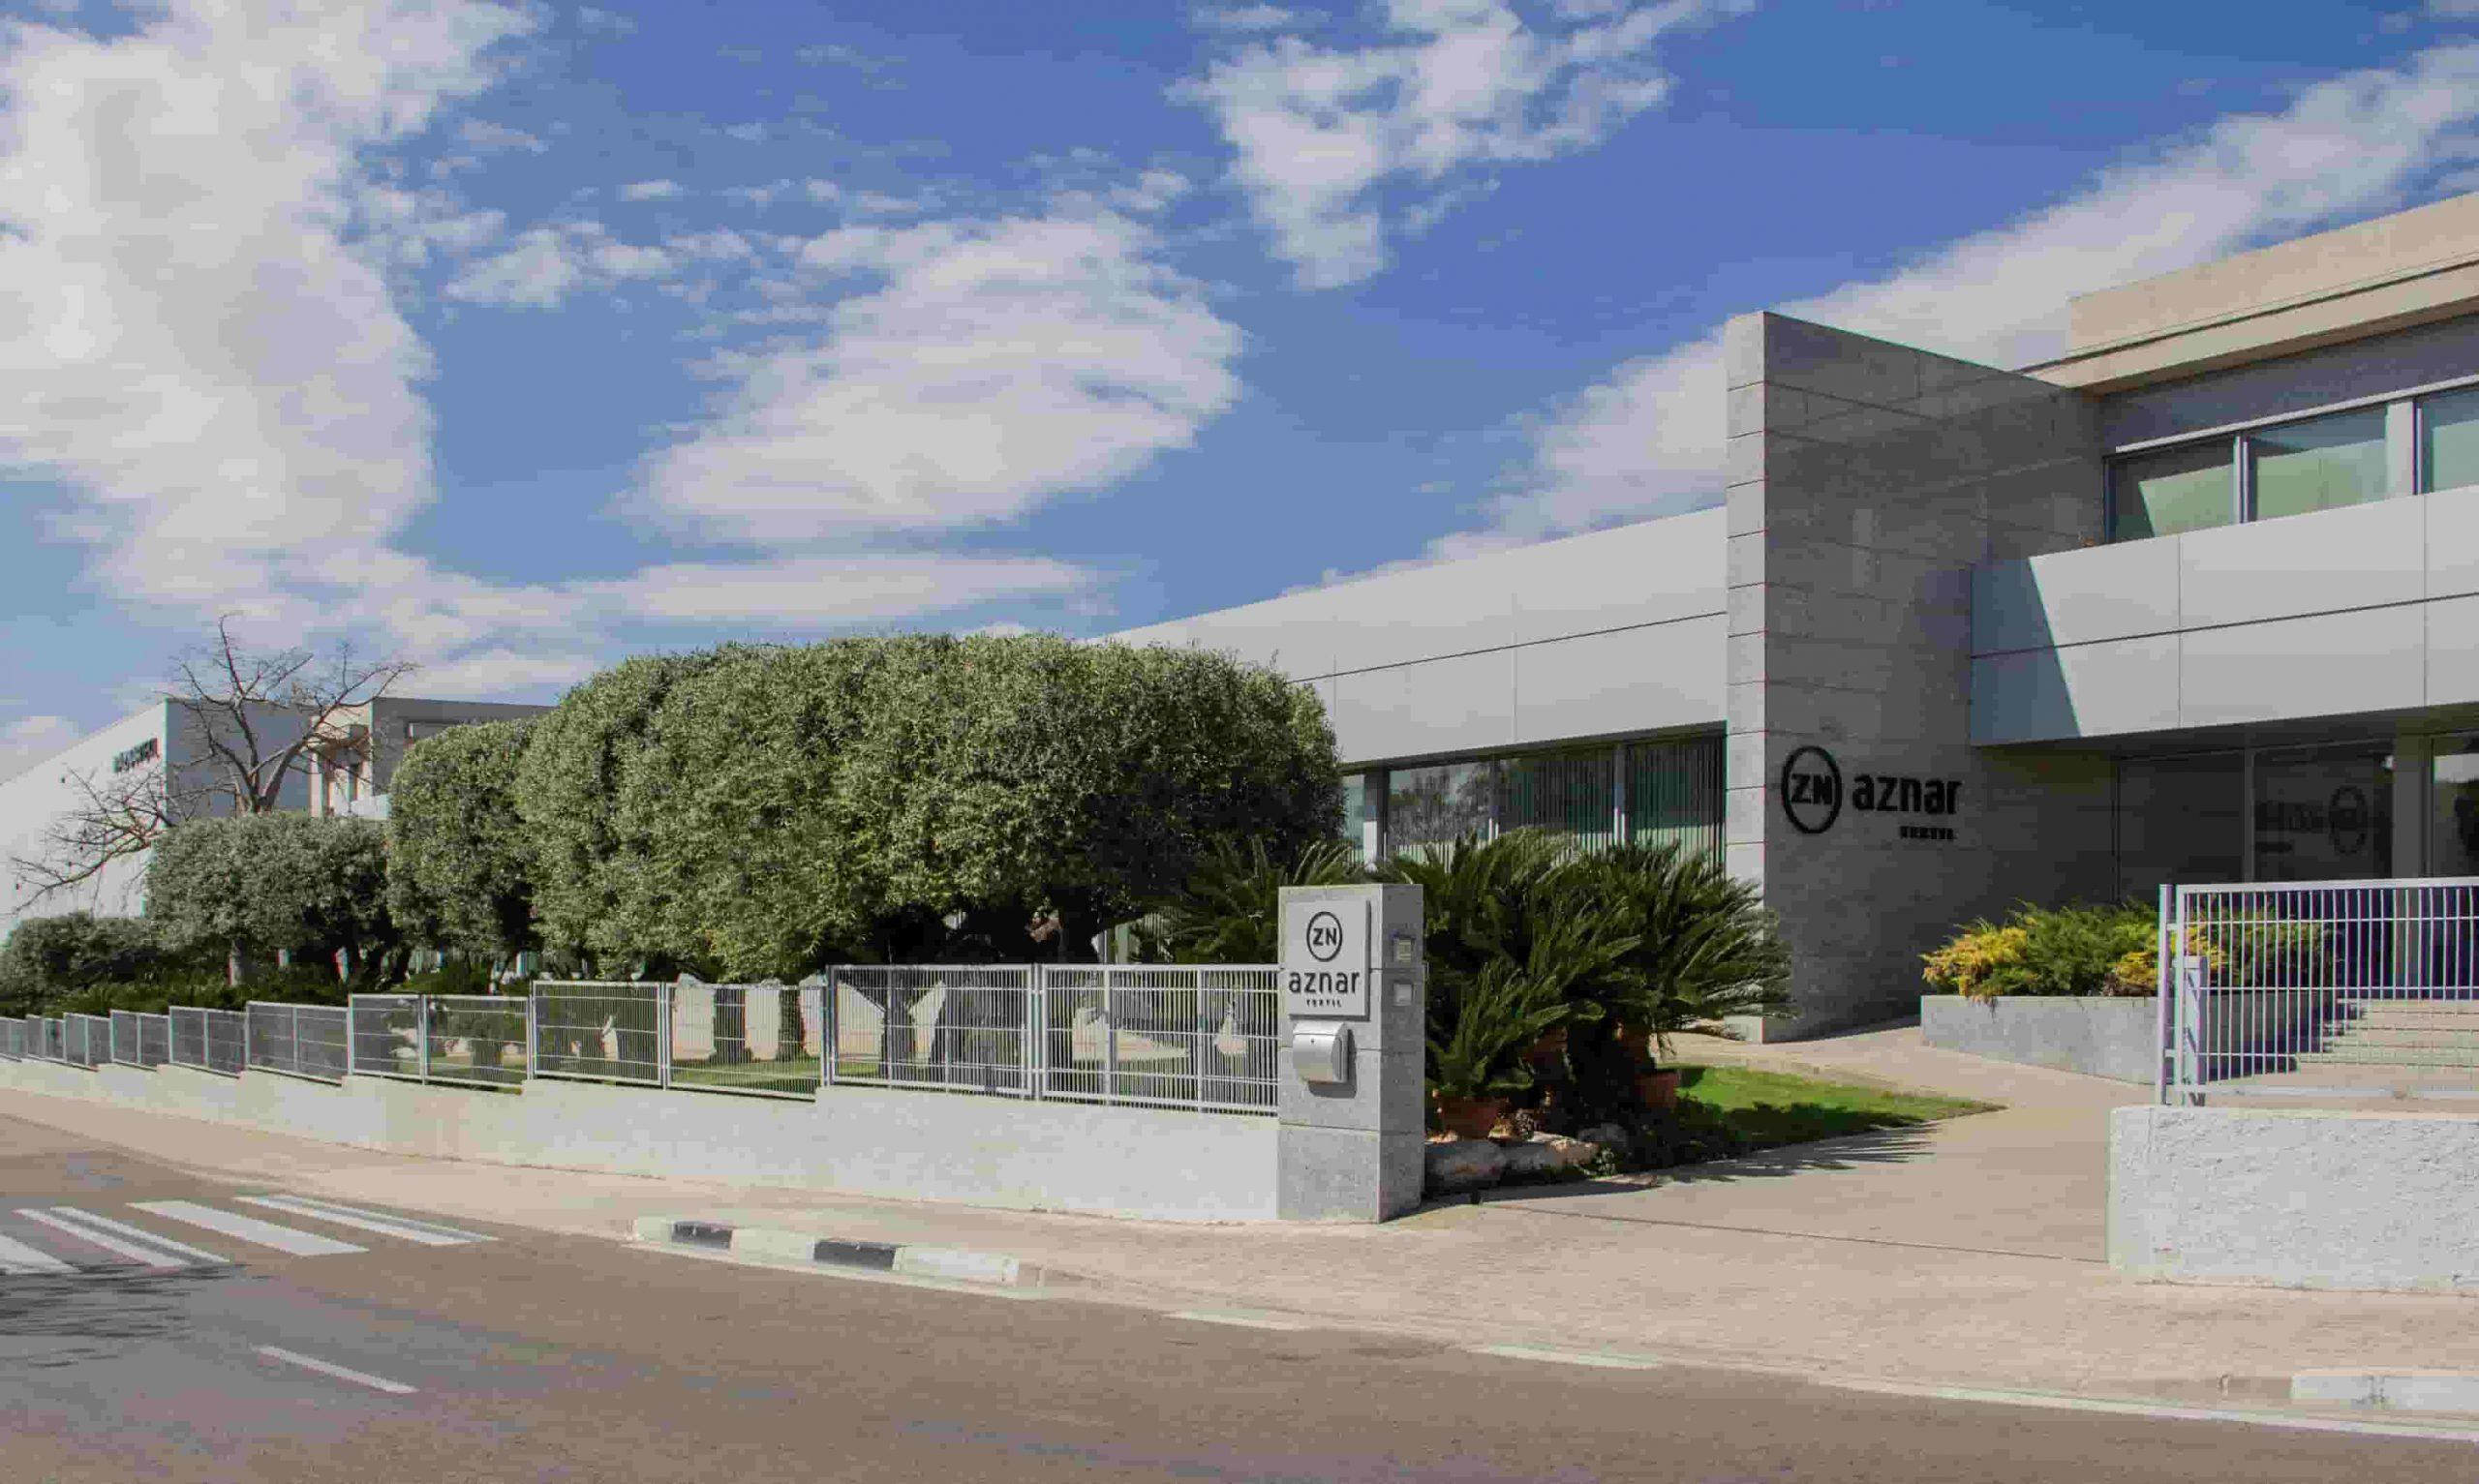 Oficinas de Aznar Textil